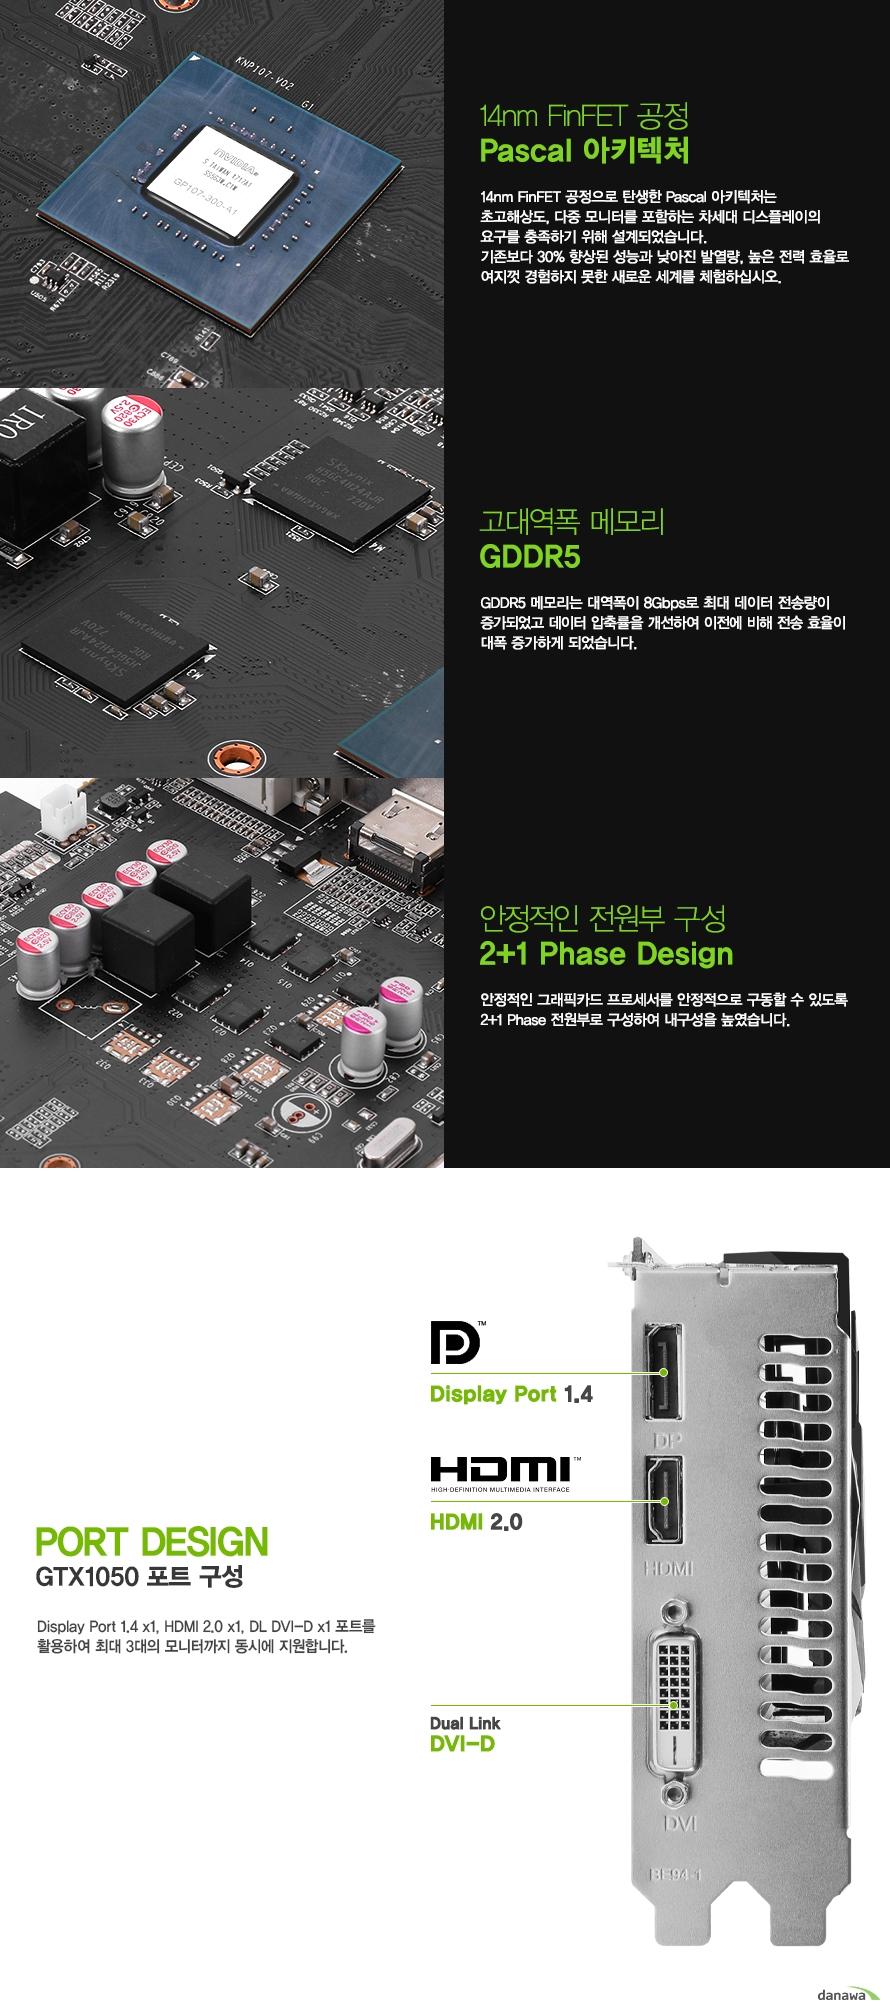 디스플레이 포트 1.4 1개    HDMI 2.0 포트 1개     듀얼링크 DVD D 포트 1개를 지원하여     최대 3대의 모니터까지 동시에 지원합니다.